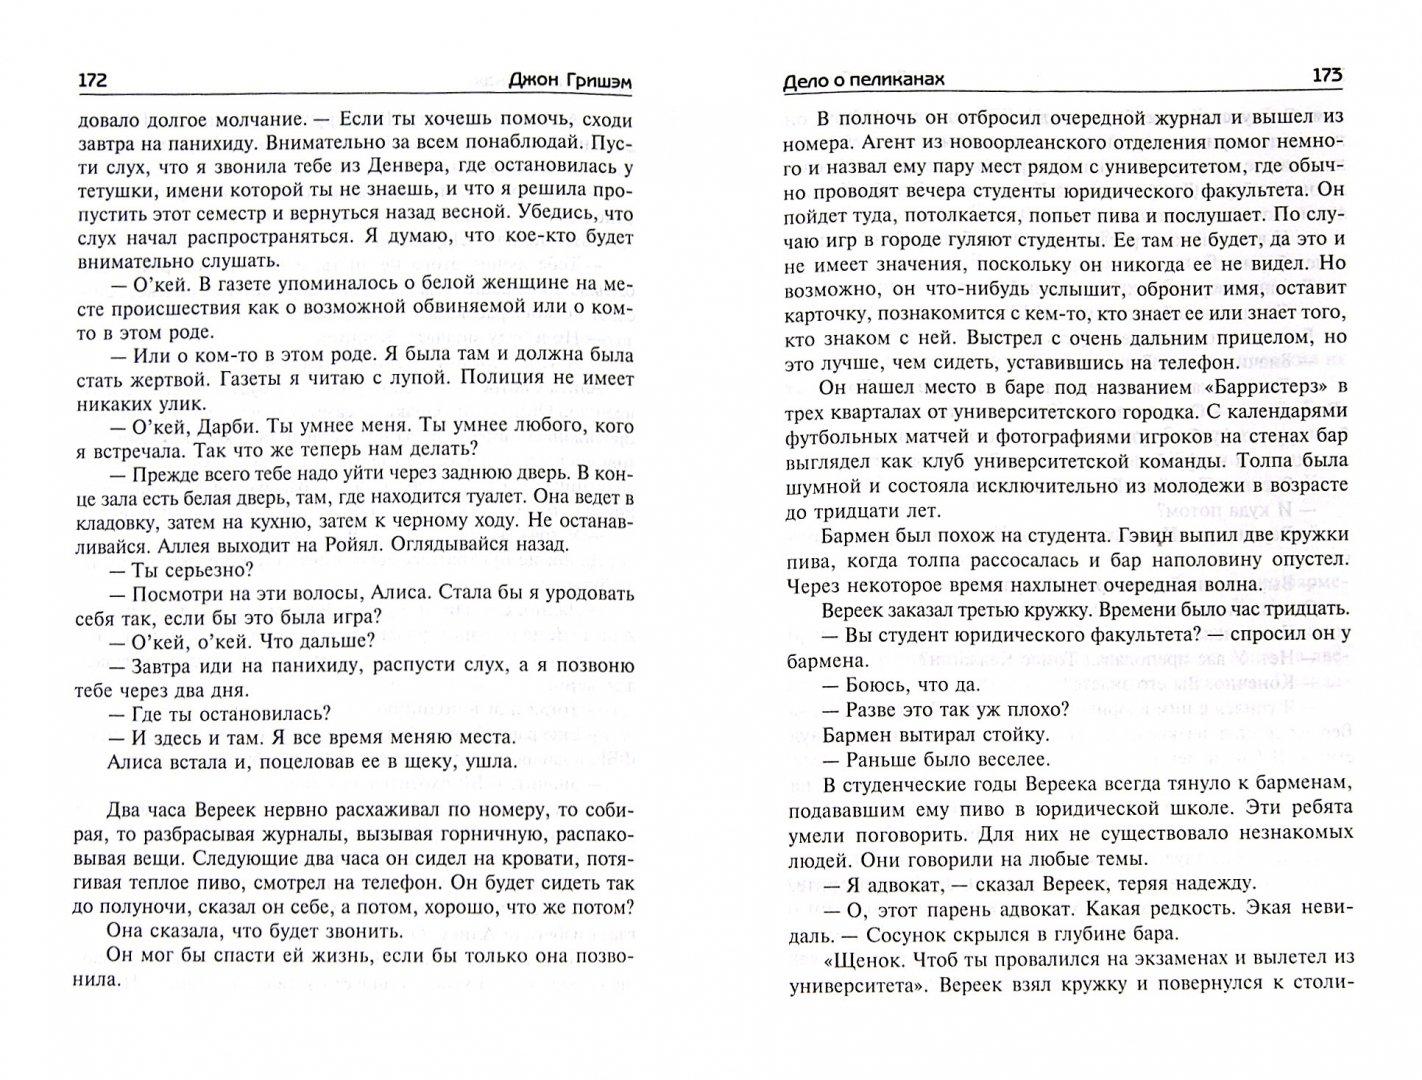 Иллюстрация 1 из 15 для Дело о пеликанах - Джон Гришэм | Лабиринт - книги. Источник: Лабиринт